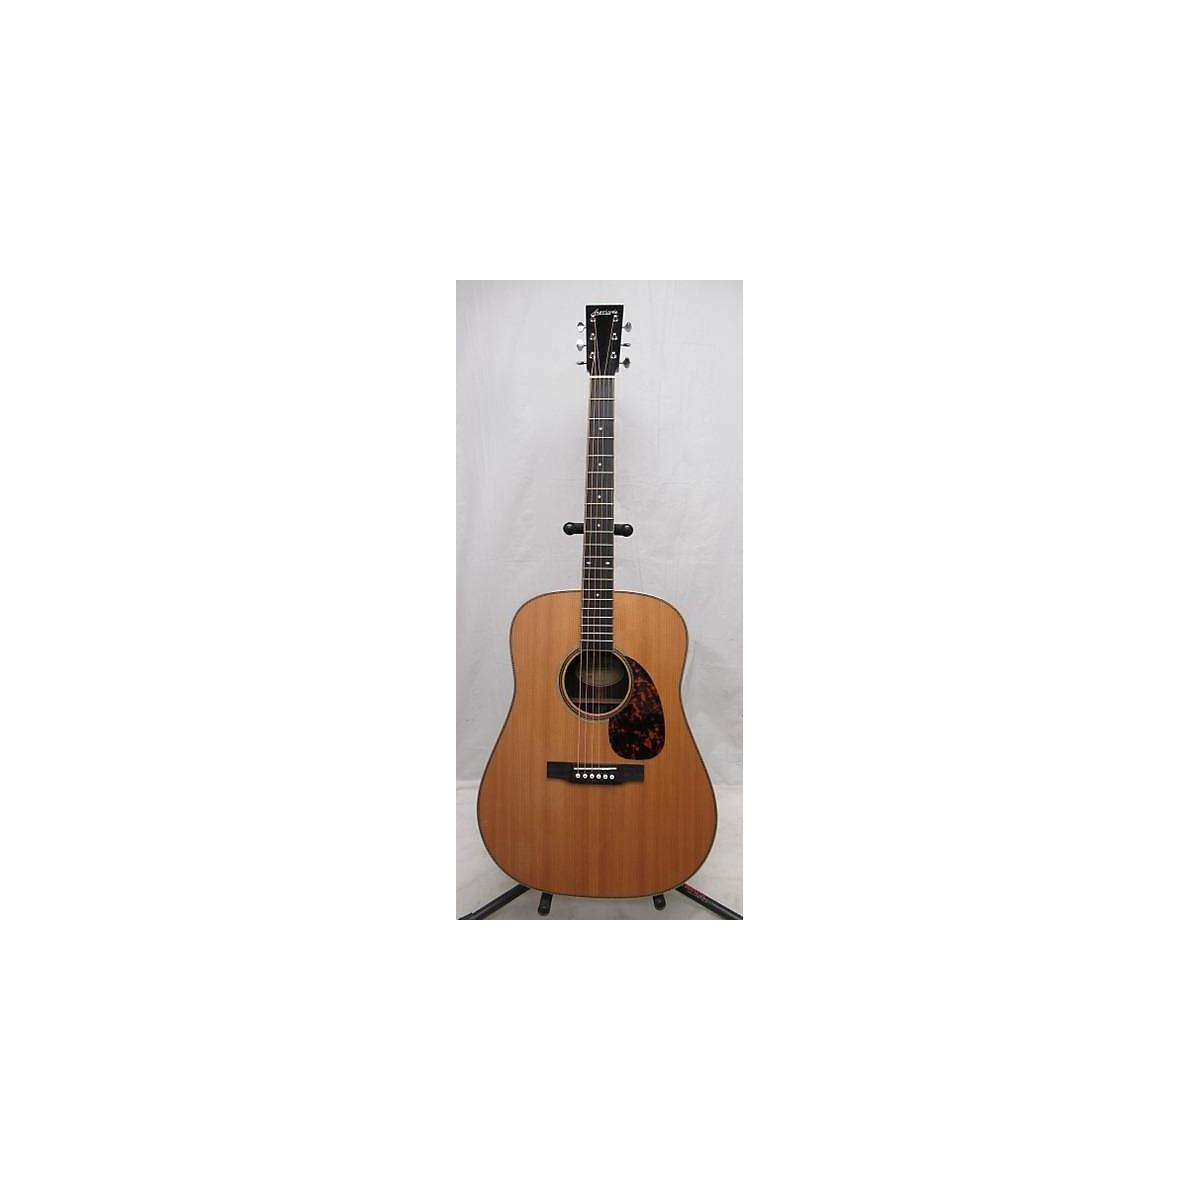 Larrivee D44 Acoustic Guitar